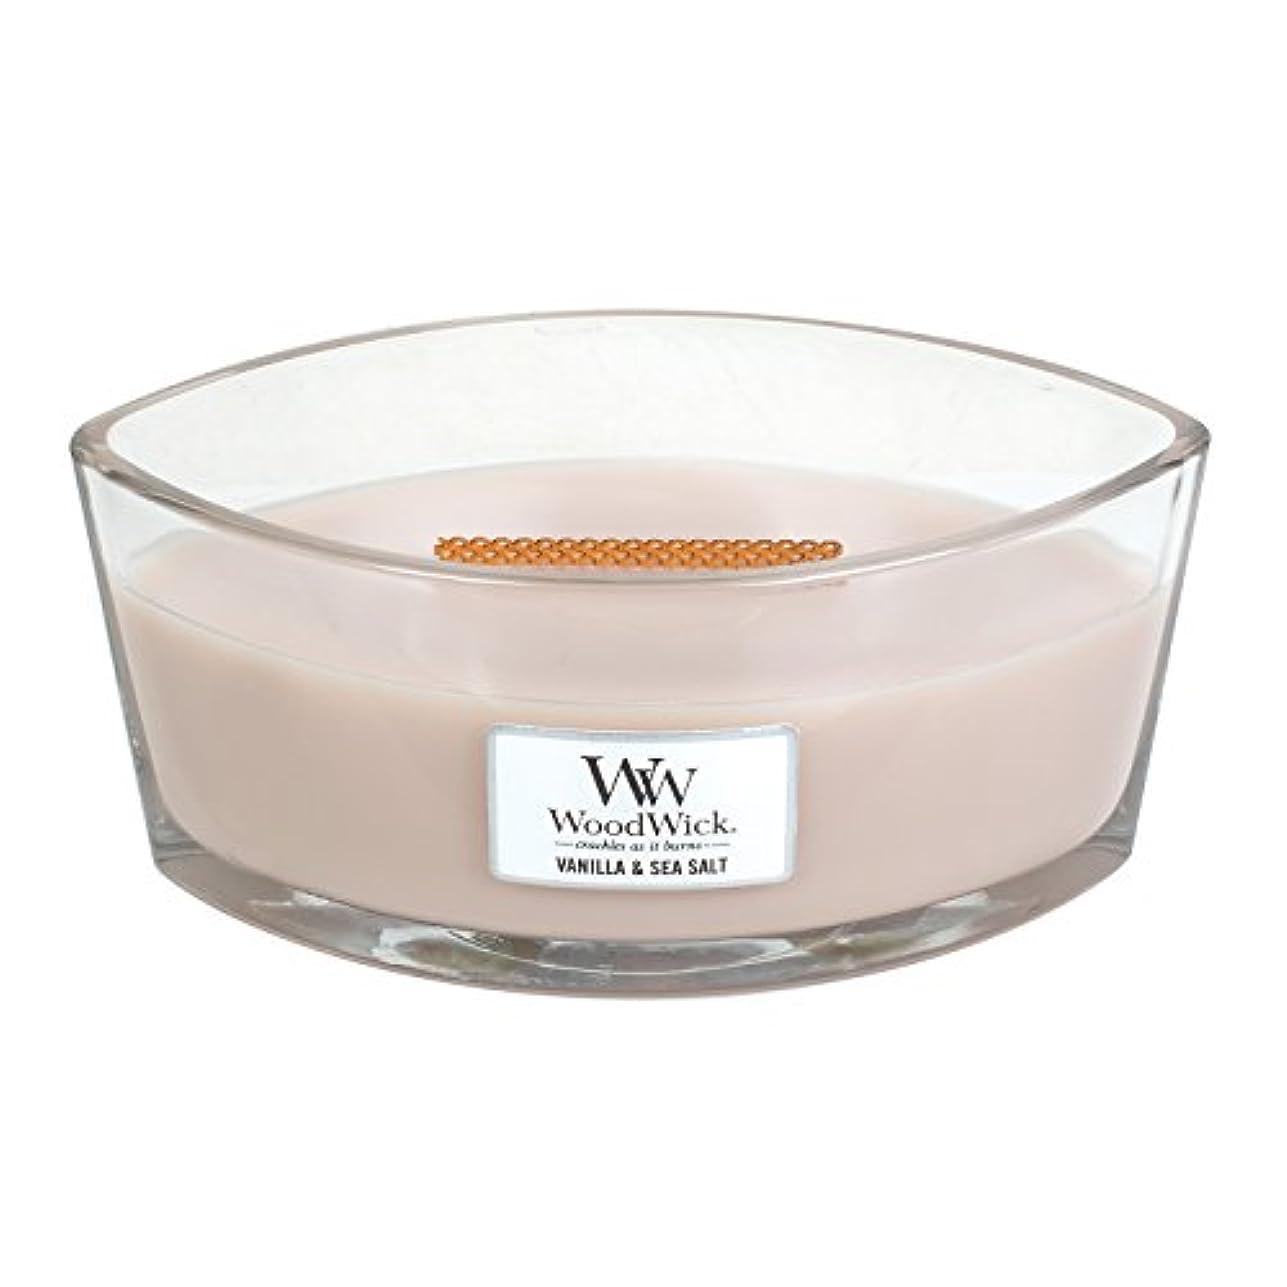 無傷アイロニー鉱石WoodWick VANILLA & SEA SALT, Highly Scented Candle, Ellipse Glass Jar with Original HearthWick Flame, Large 18cm...